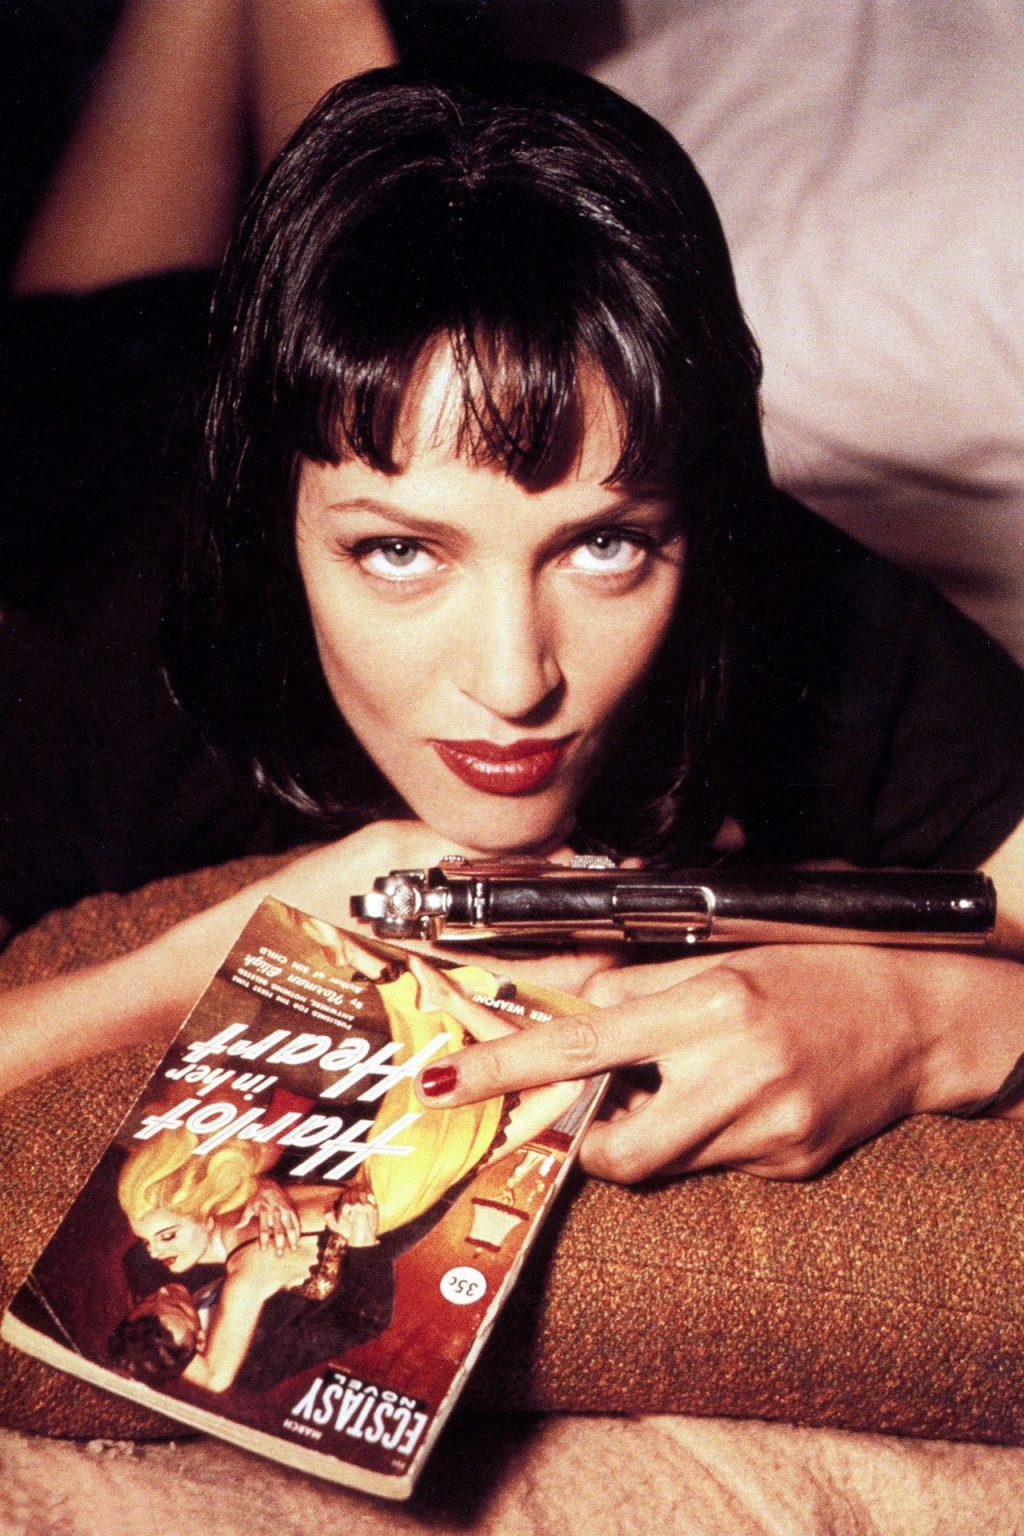 màu móng tay đỏ của Uma Thurman trong Pulp Fiction